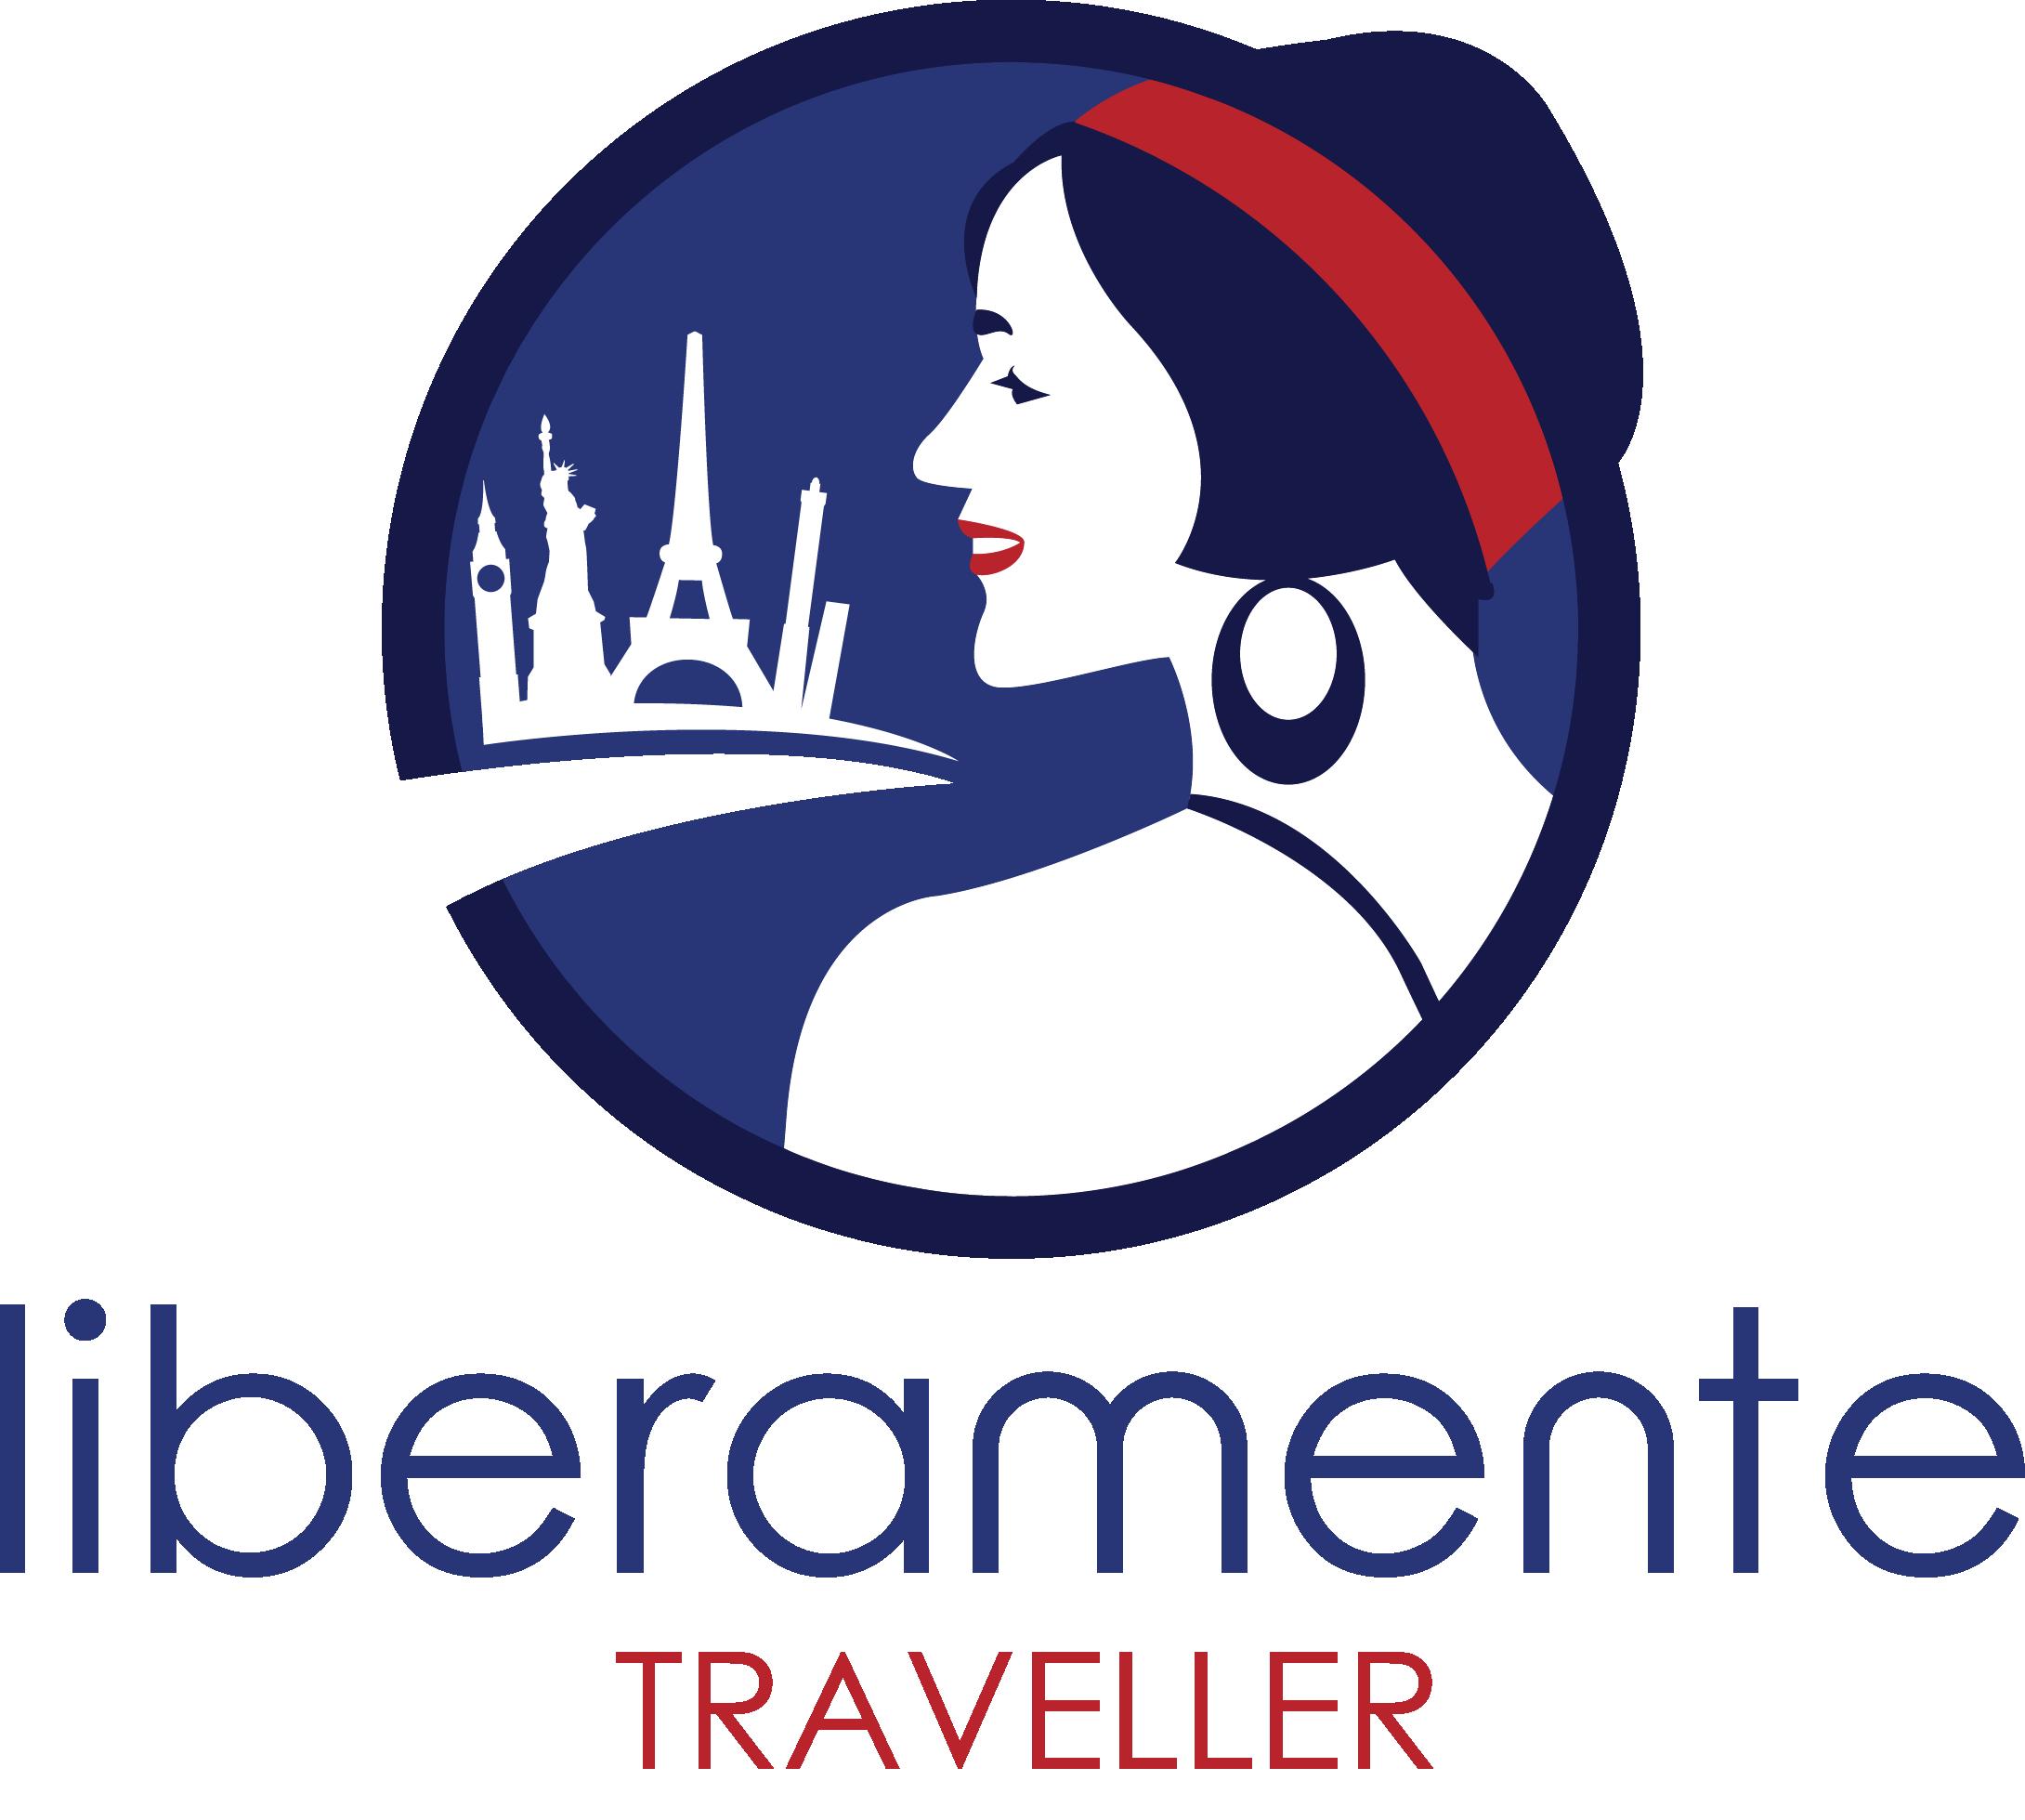 Liberamente Traveller